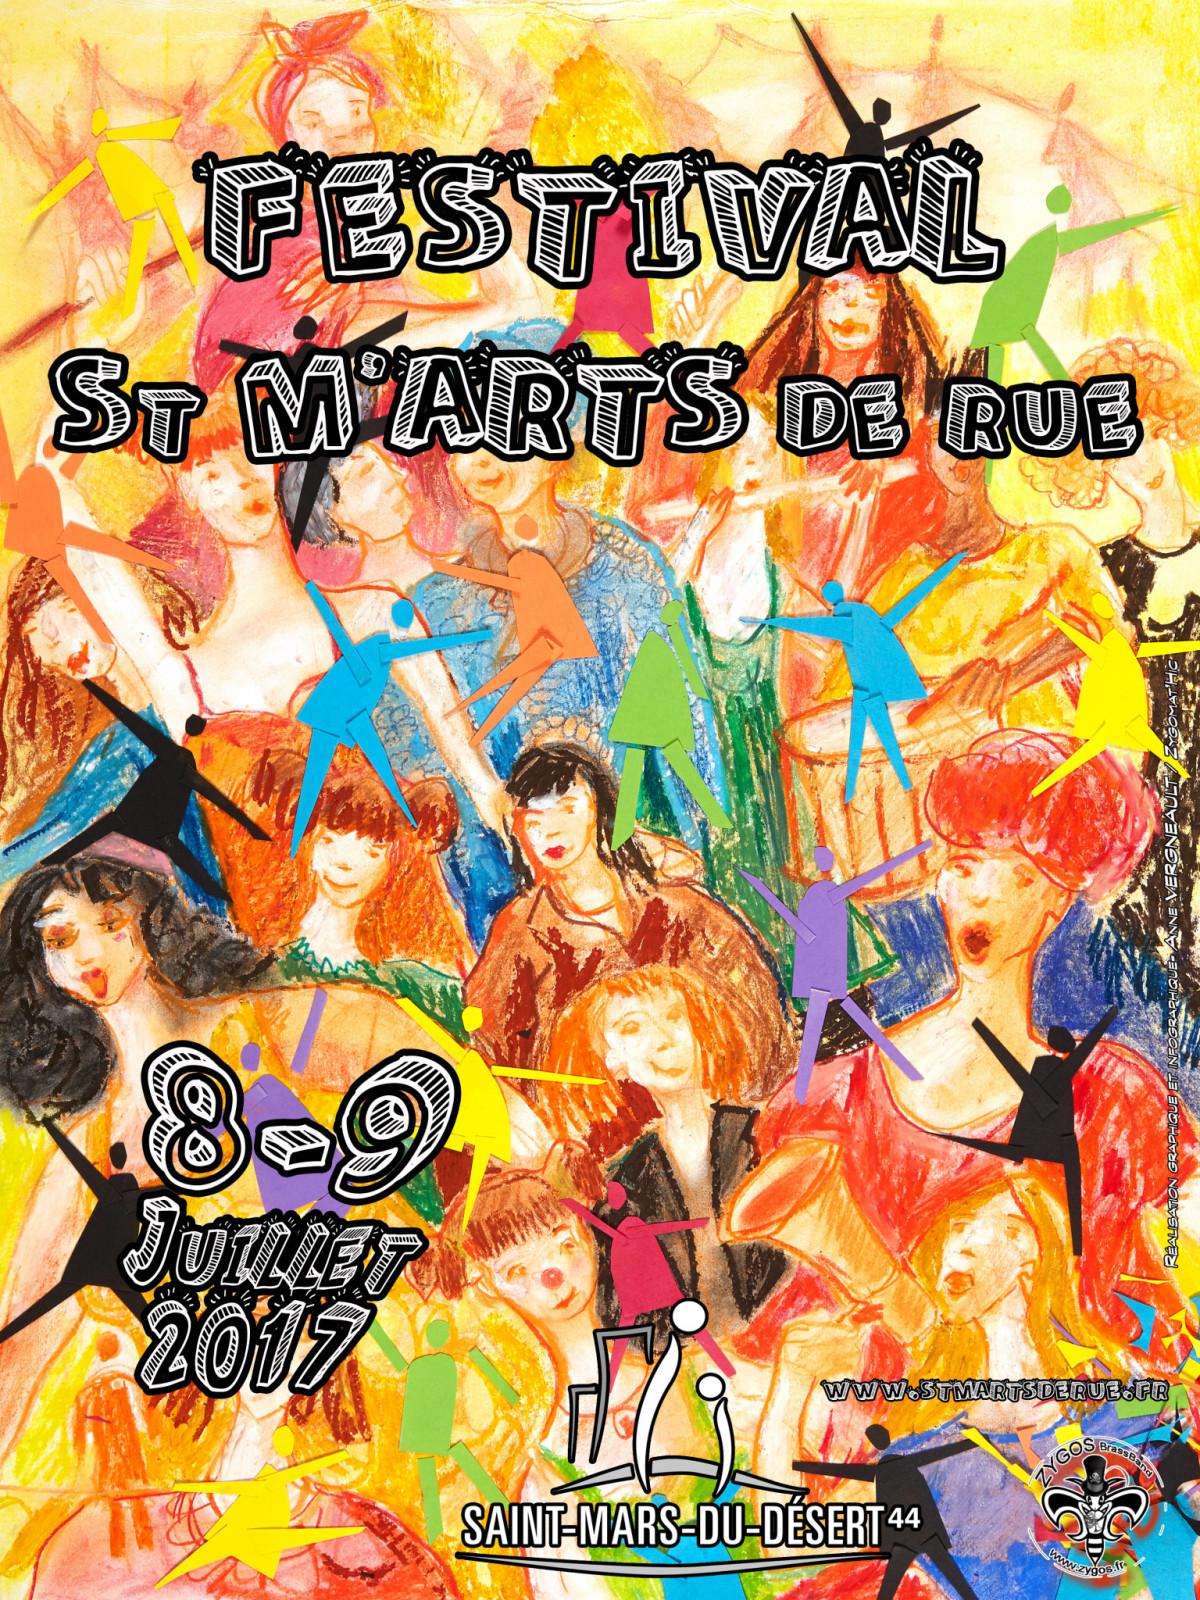 affiche st m arts de rue 2017 #1-4